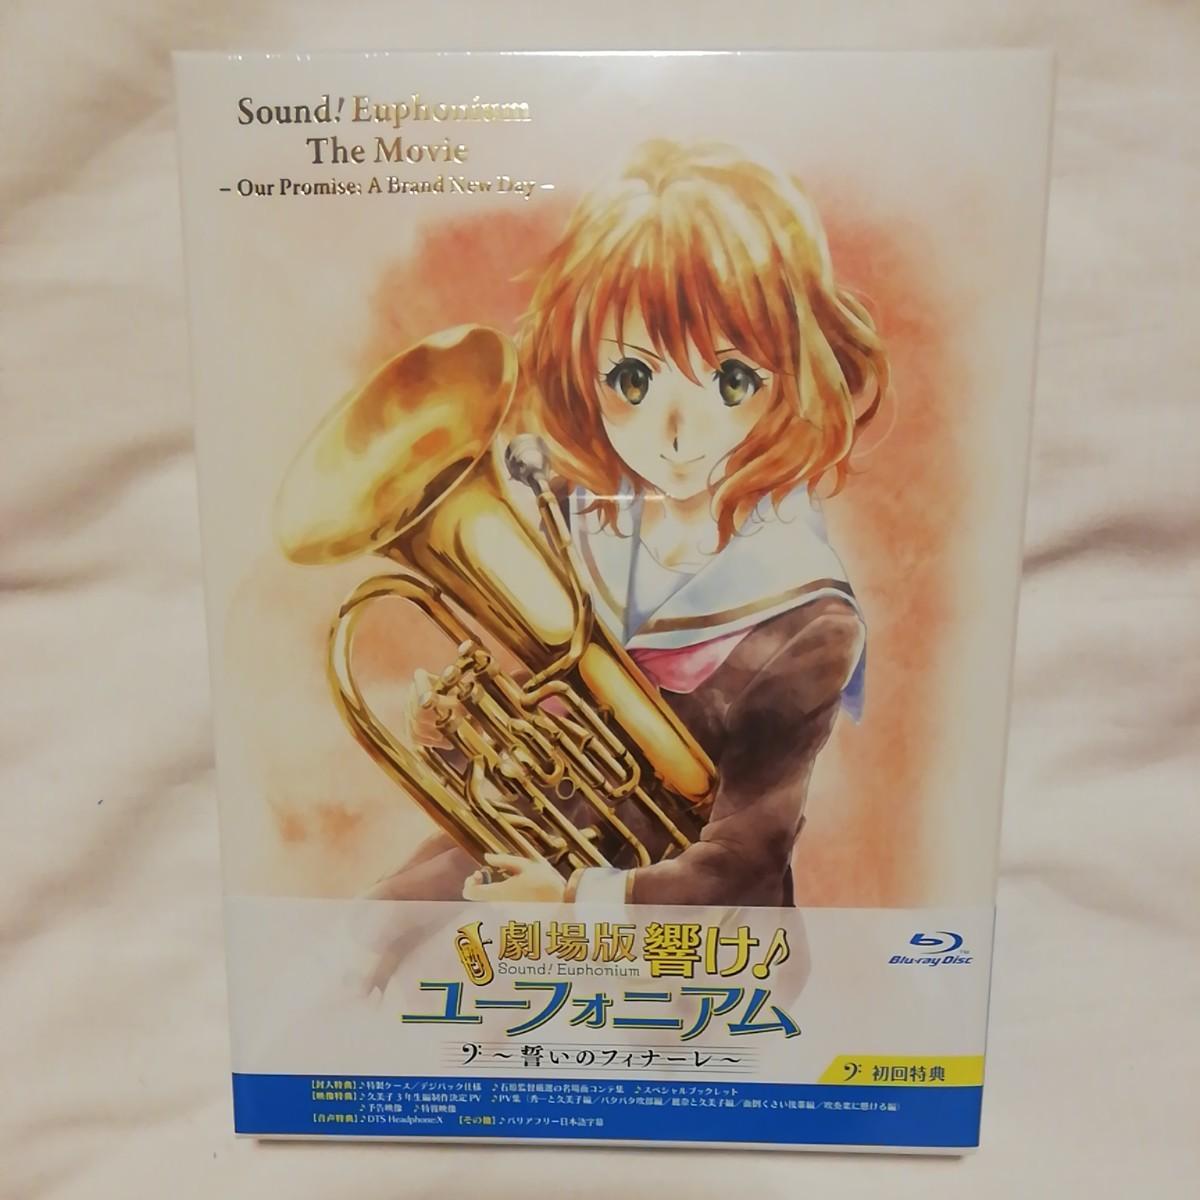 劇場版 響け!ユーフォニアム 誓いのフィナーレ 数量限定版 Blu-ray